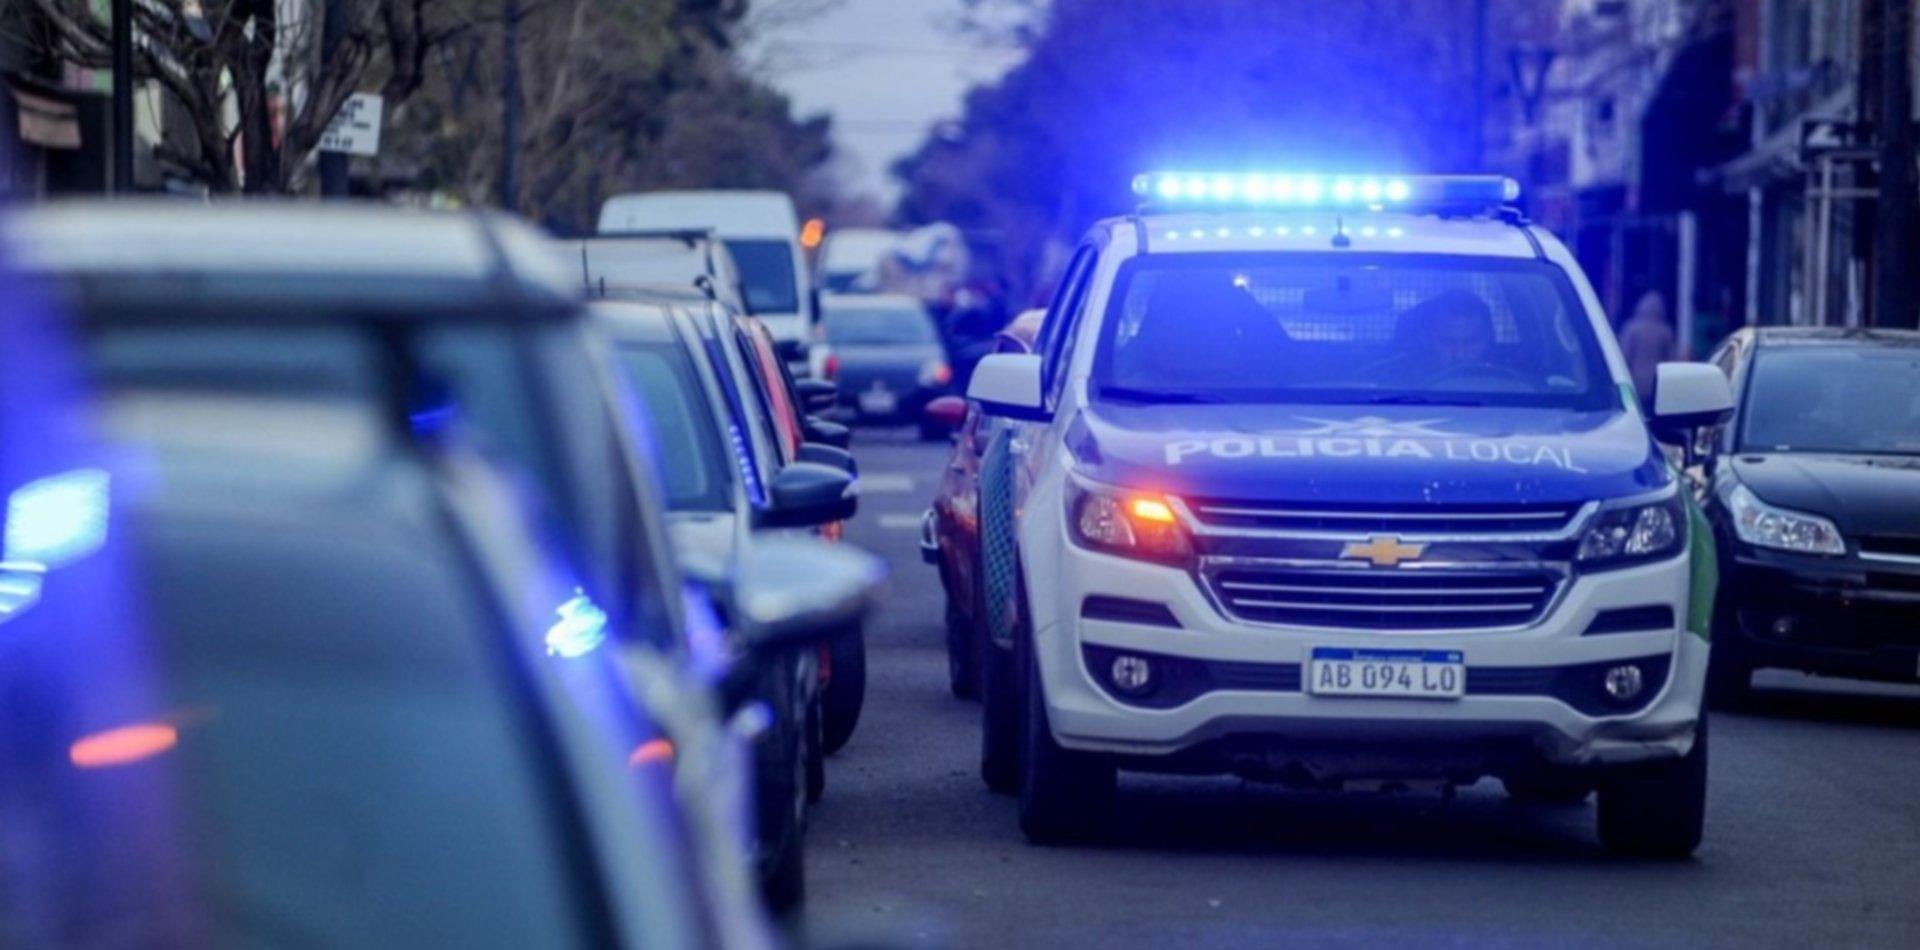 Detuvieron a un expolicía acusado de abusar de una adolescente de 14 años en La Plata